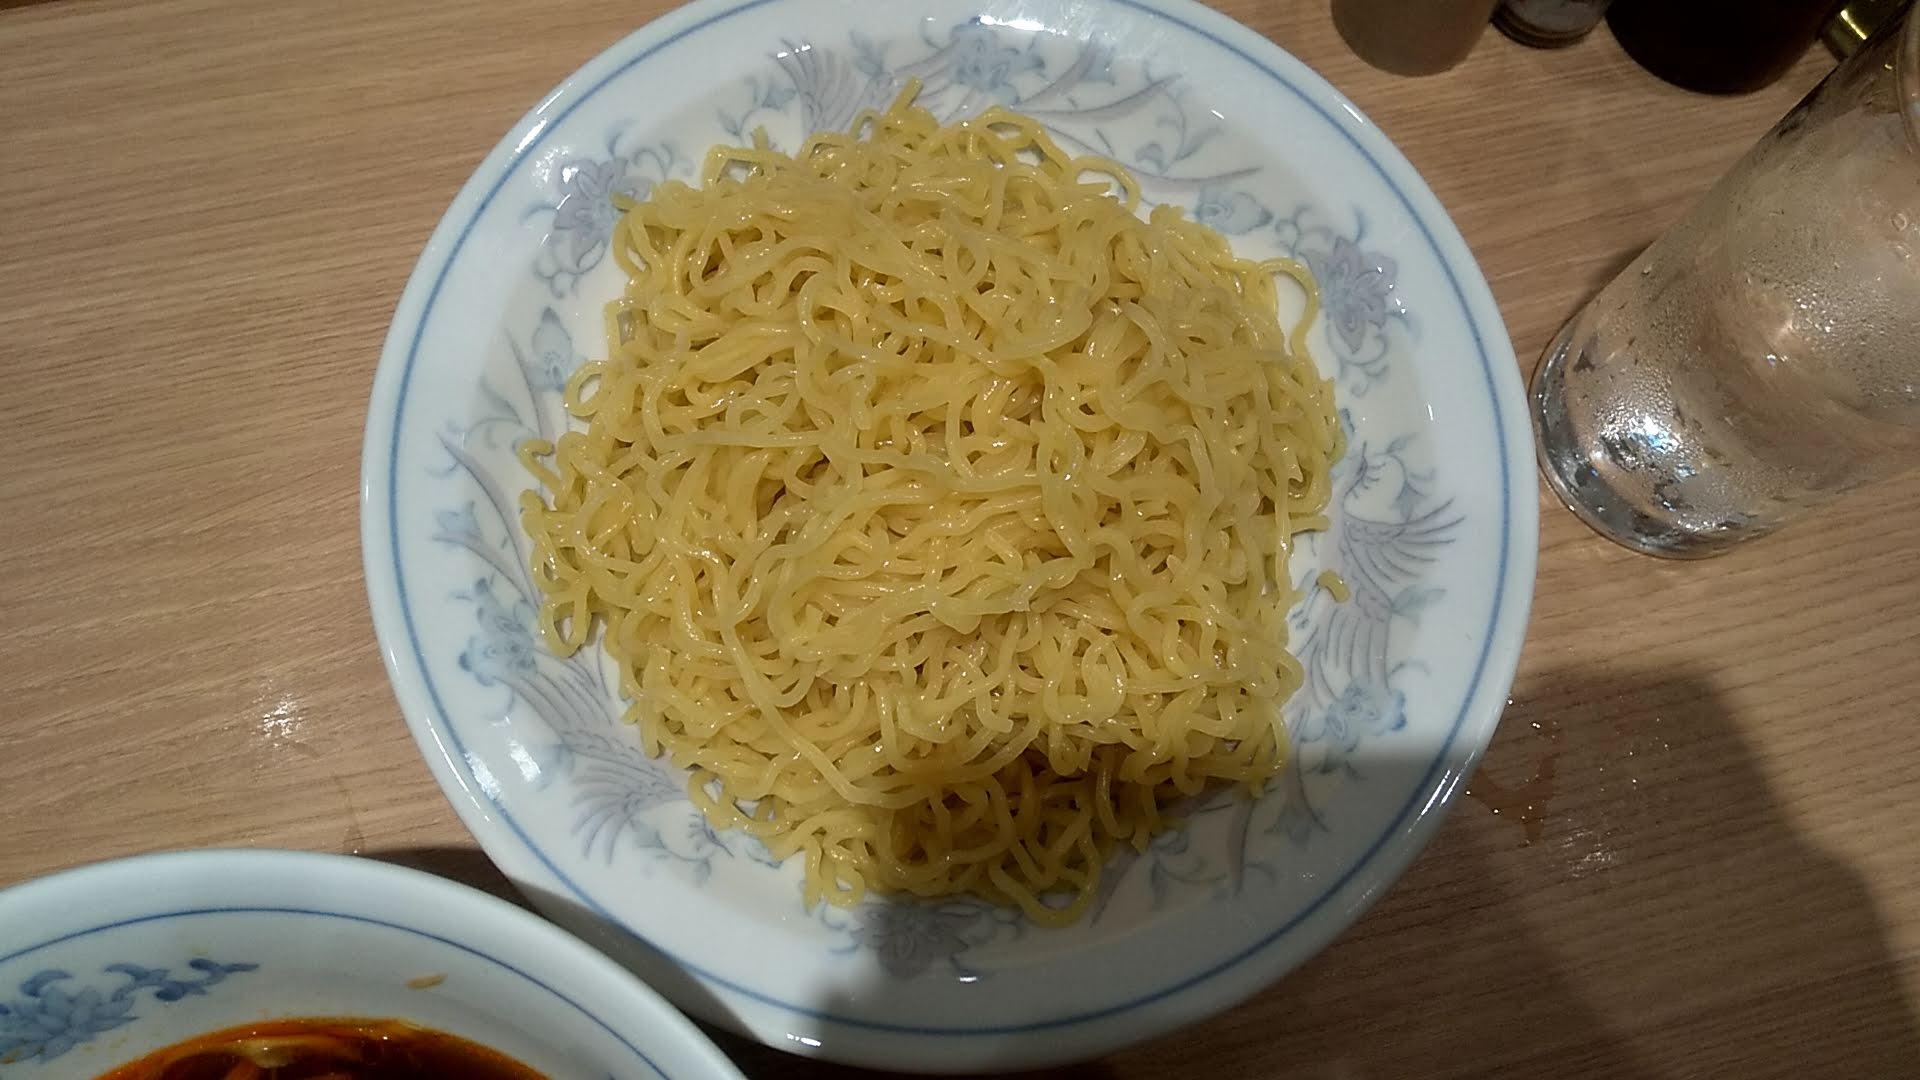 ふぢののつけ麺の麺皿